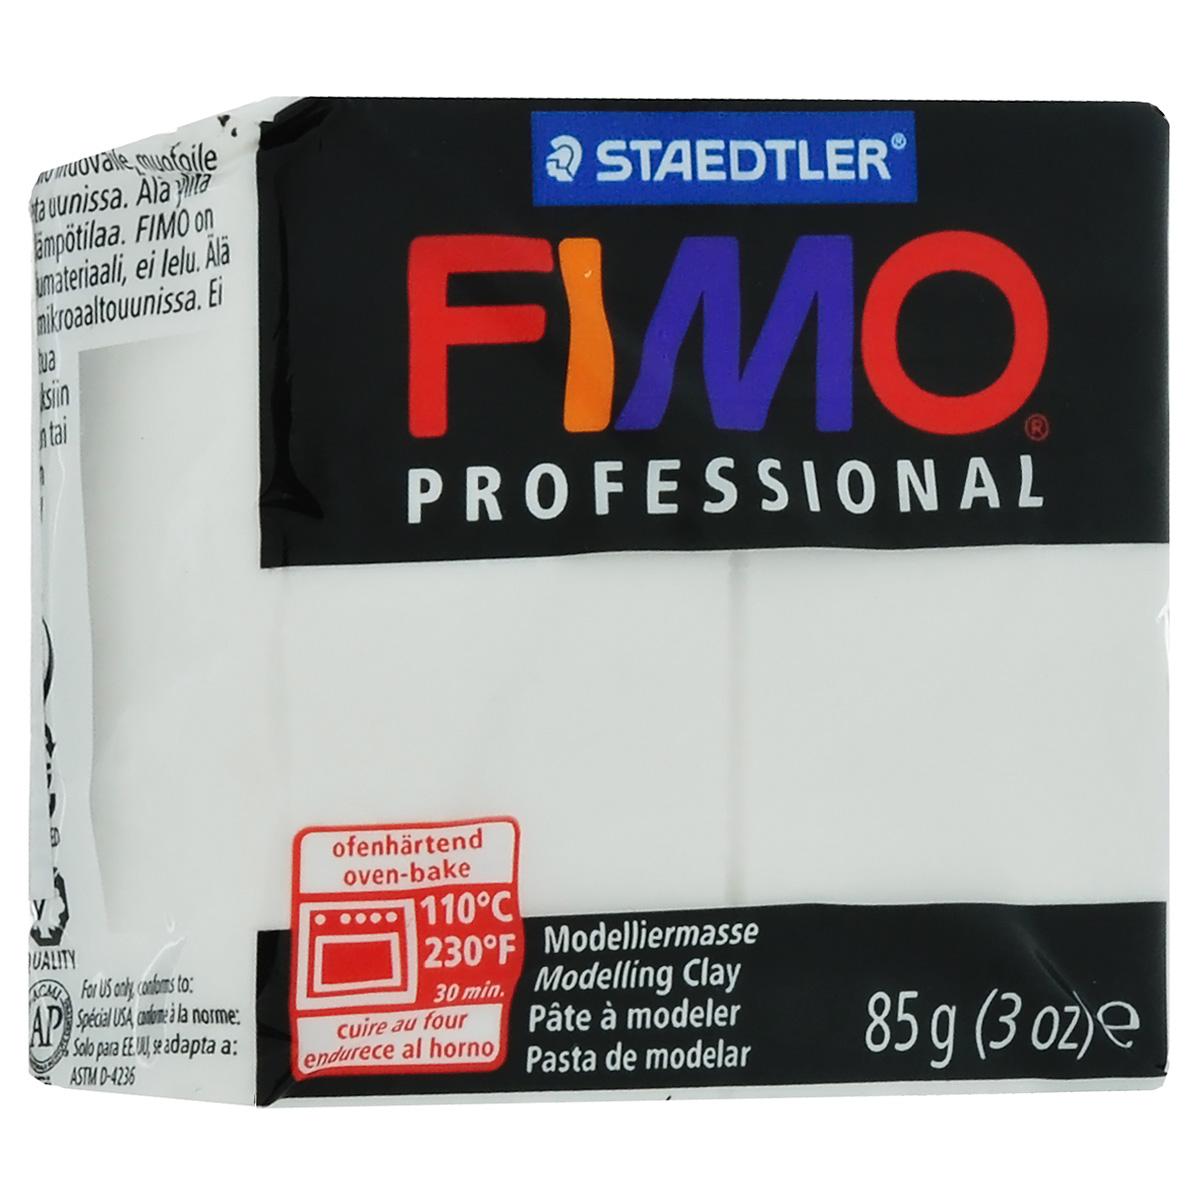 Полимерная глина Fimo Professional, цвет: белый, 85 г8004-0Мягкая глина на полимерной основе (пластика) Fimo Professional идеально подходит для лепки небольших изделий (украшений, скульптурок, кукол) и для моделирования. Глина обладает отличными пластичными свойствами, хорошо размягчается и лепится, легко смешивается между собой, благодаря чему можно создать огромное количество поделок любых цветов и оттенков, не имеет запаха. Блок разделен на 2 сегмента, что позволяет легче разделять глину на порции. В домашних условиях готовая поделка выпекается в духовом шкафу при температуре 110°С в течение 15-30 минут (в зависимости от величины изделия). Отвердевшие изделия могут быть раскрашены акриловыми красками, покрыты лаком, склеены друг с другом или с другими материалами.